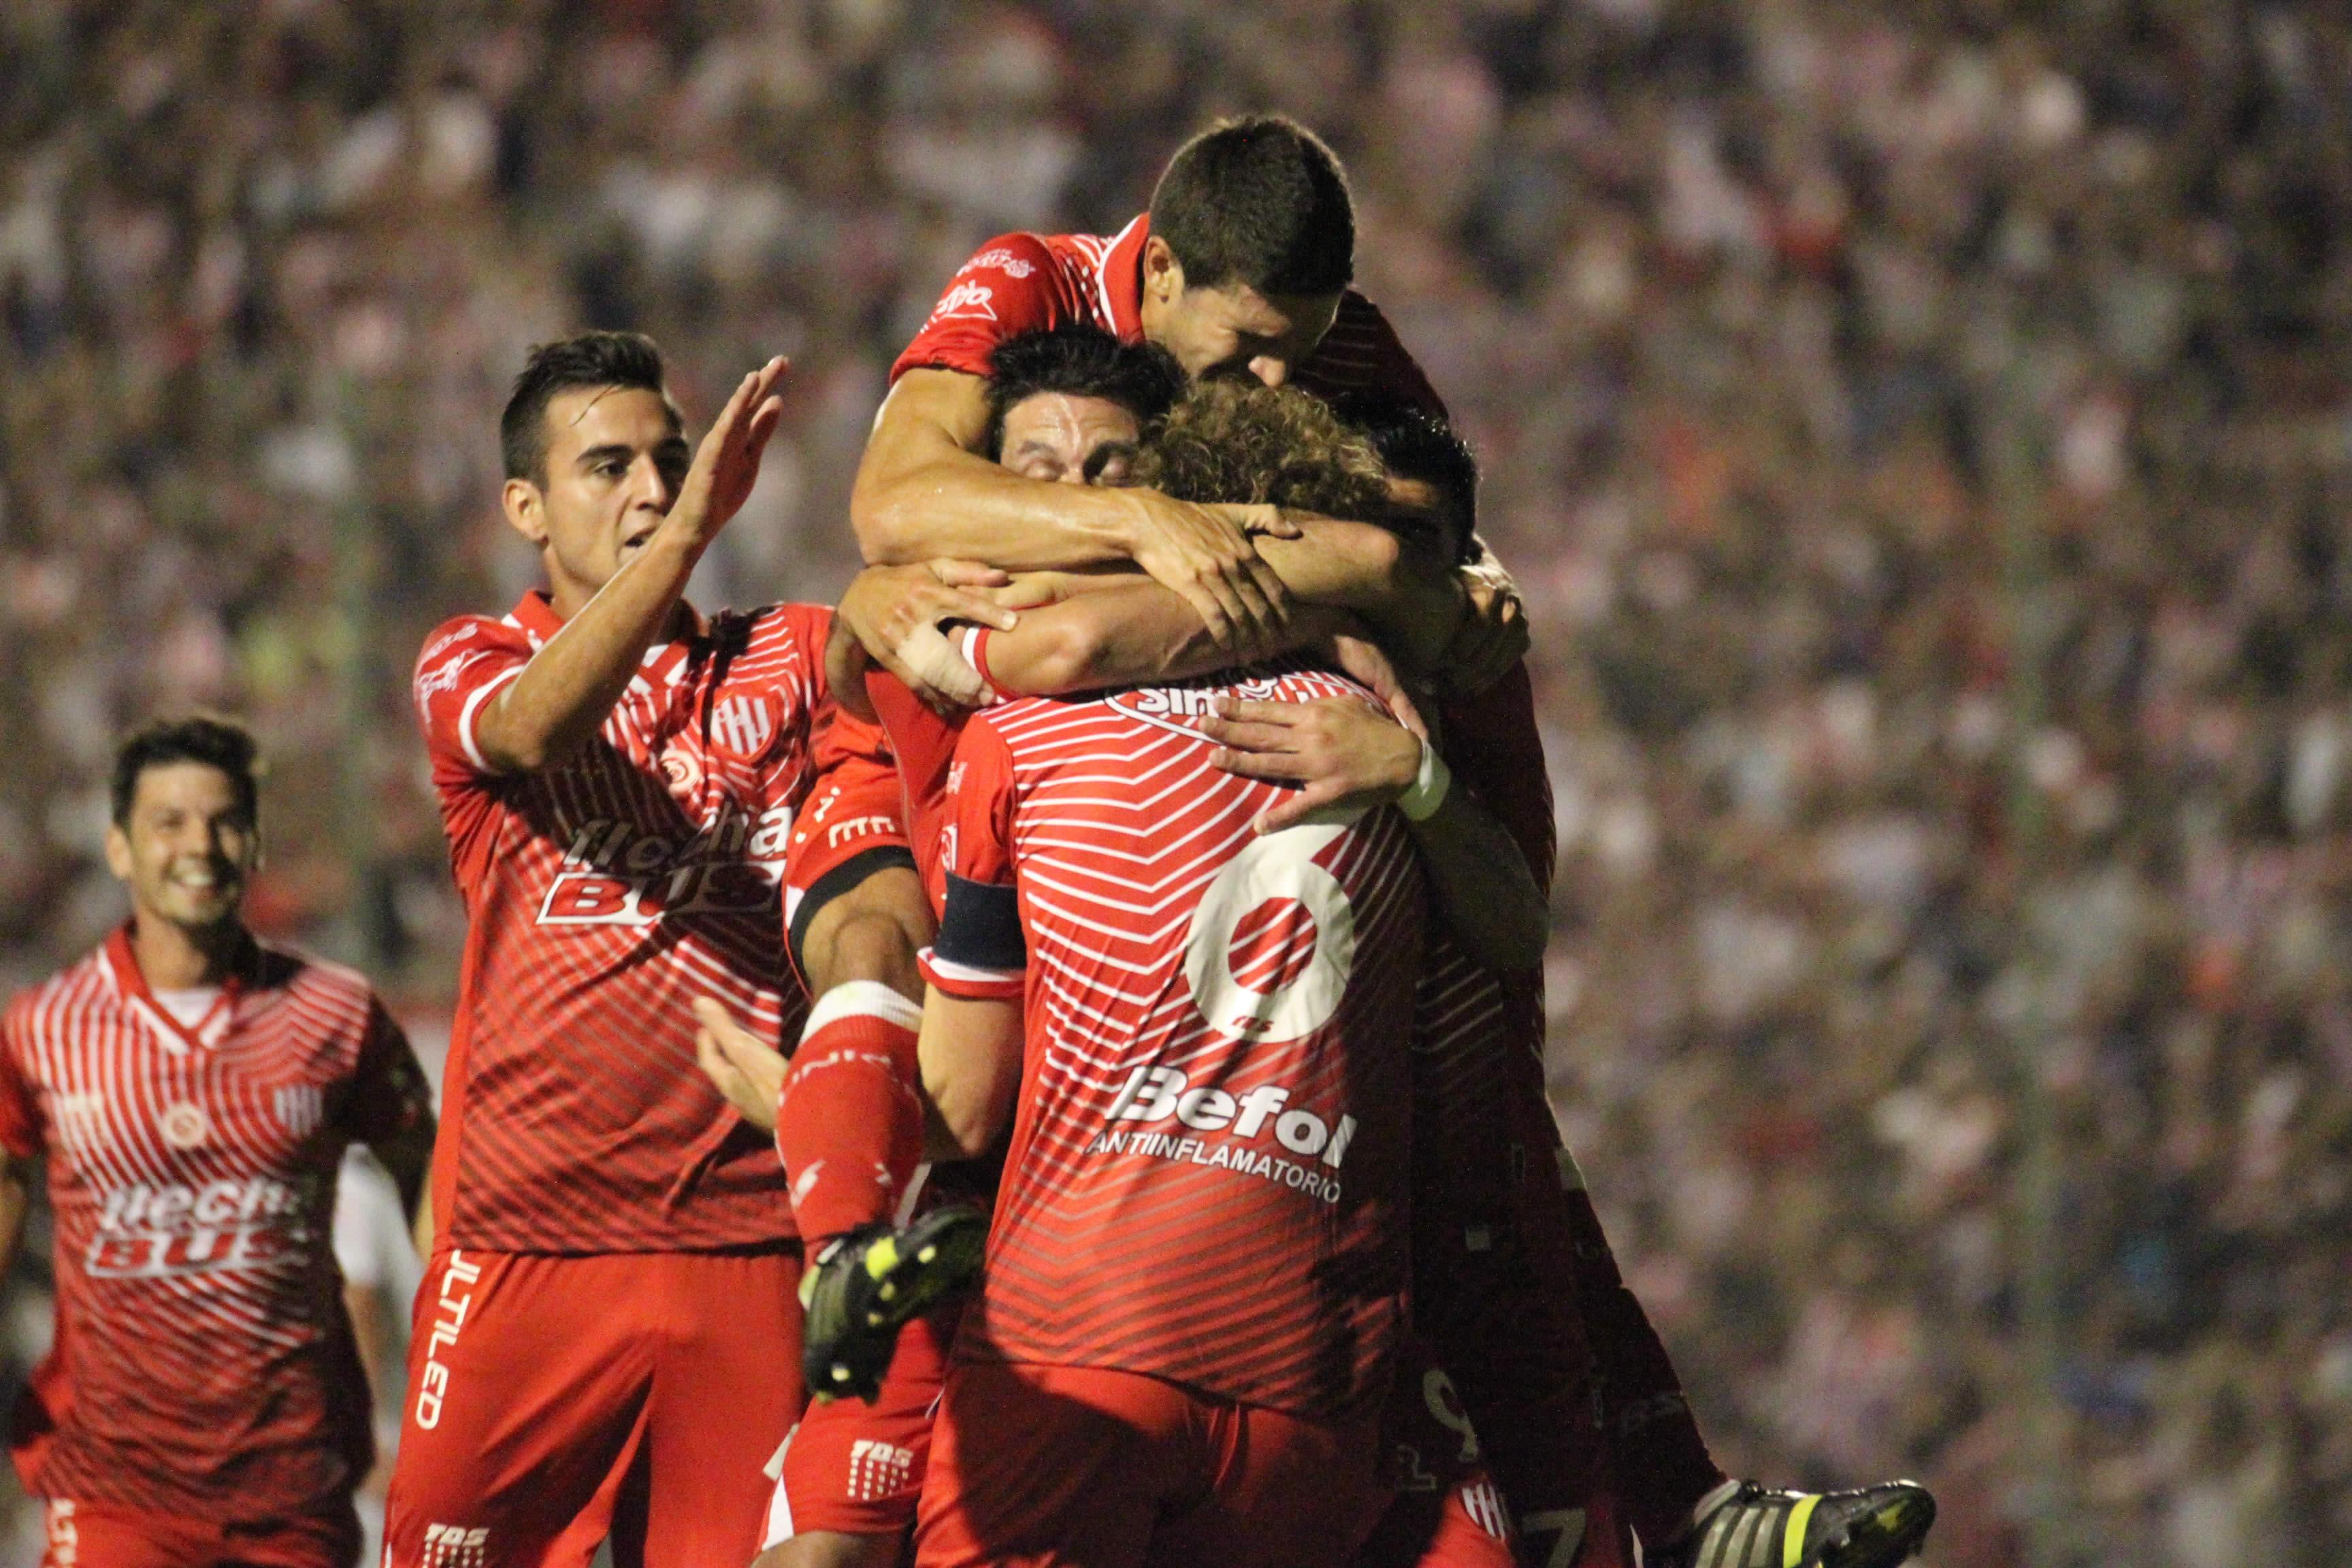 Un escalón menos. Unión derrotó a All Boys y acaricia el ascenso. Foto: Gonzalo Sejas (prensa Unión)